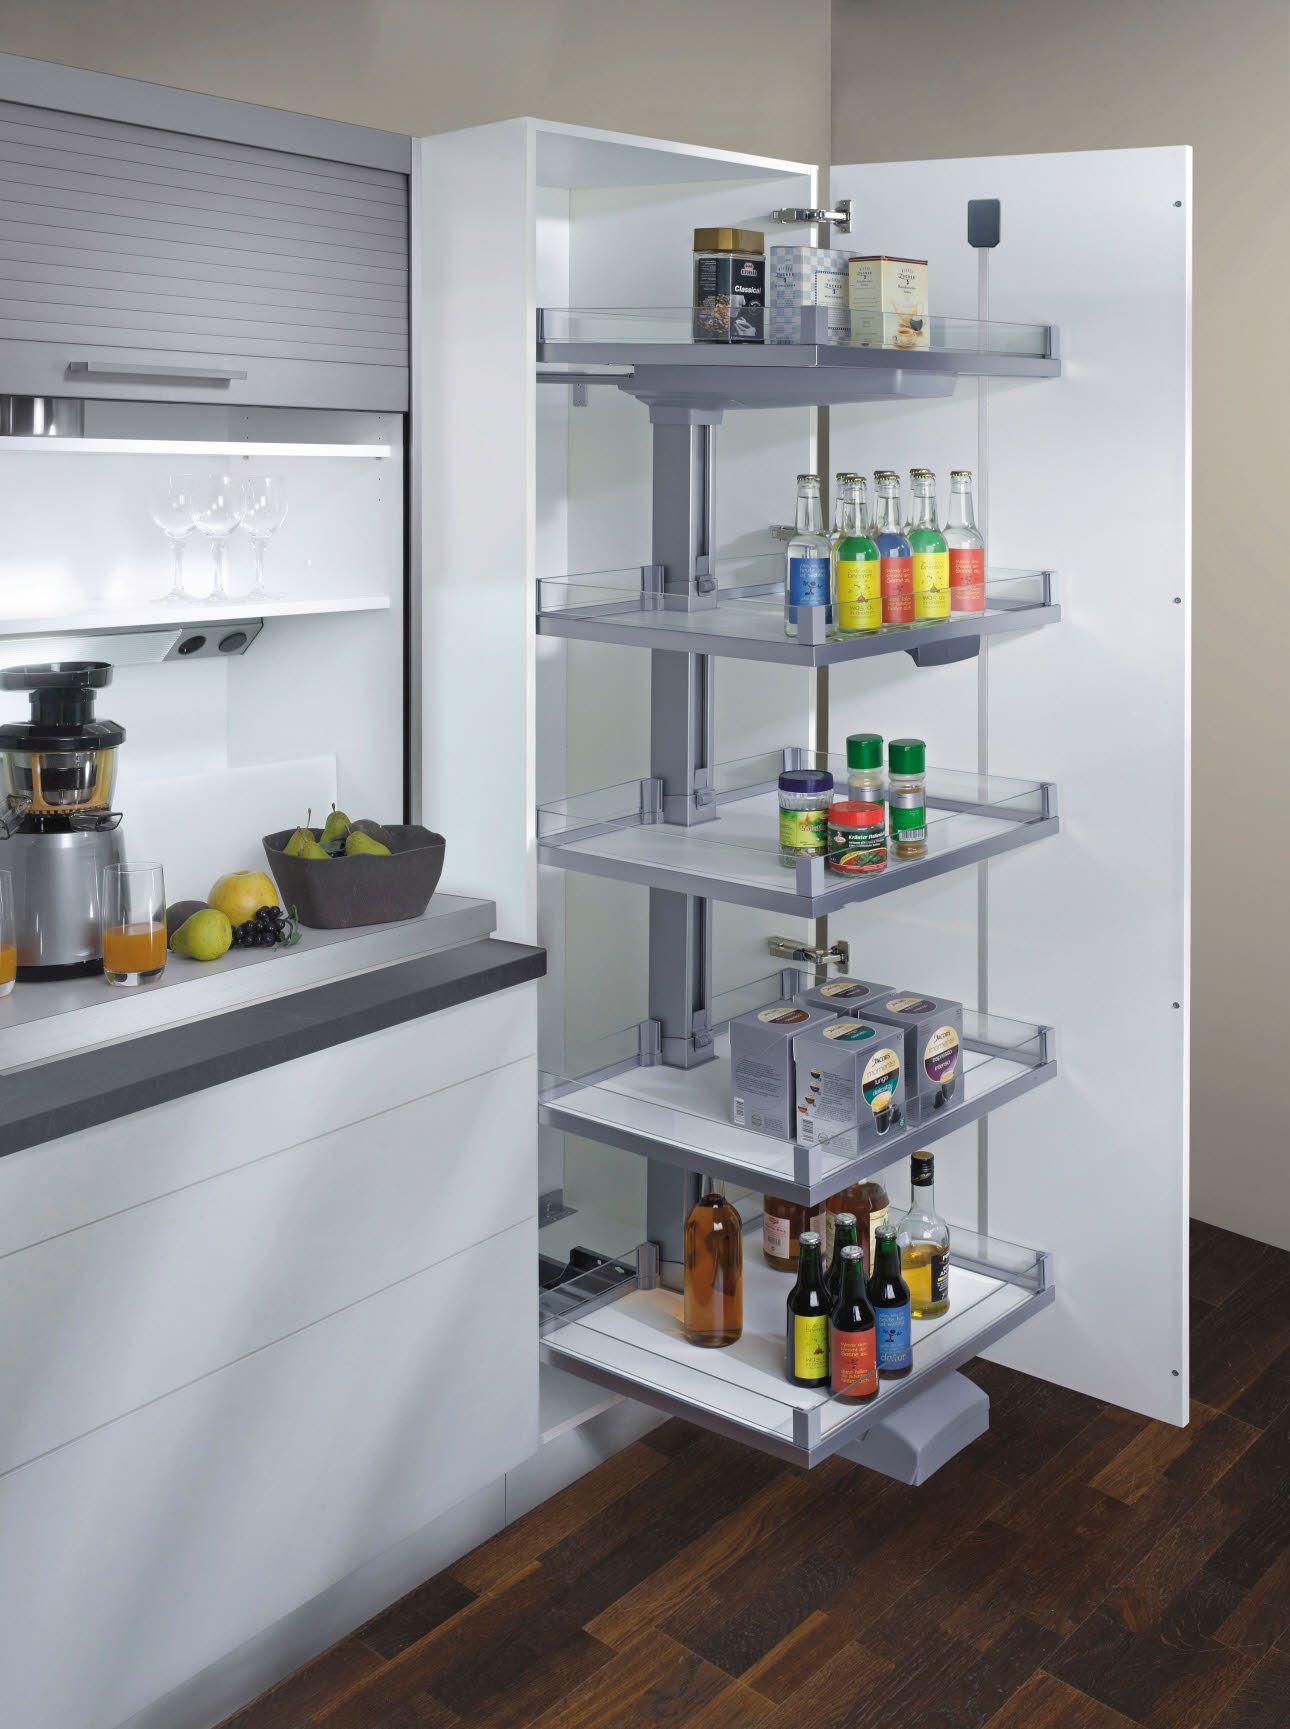 Küchen Accessoires  Stauraumlösungen  INTUO